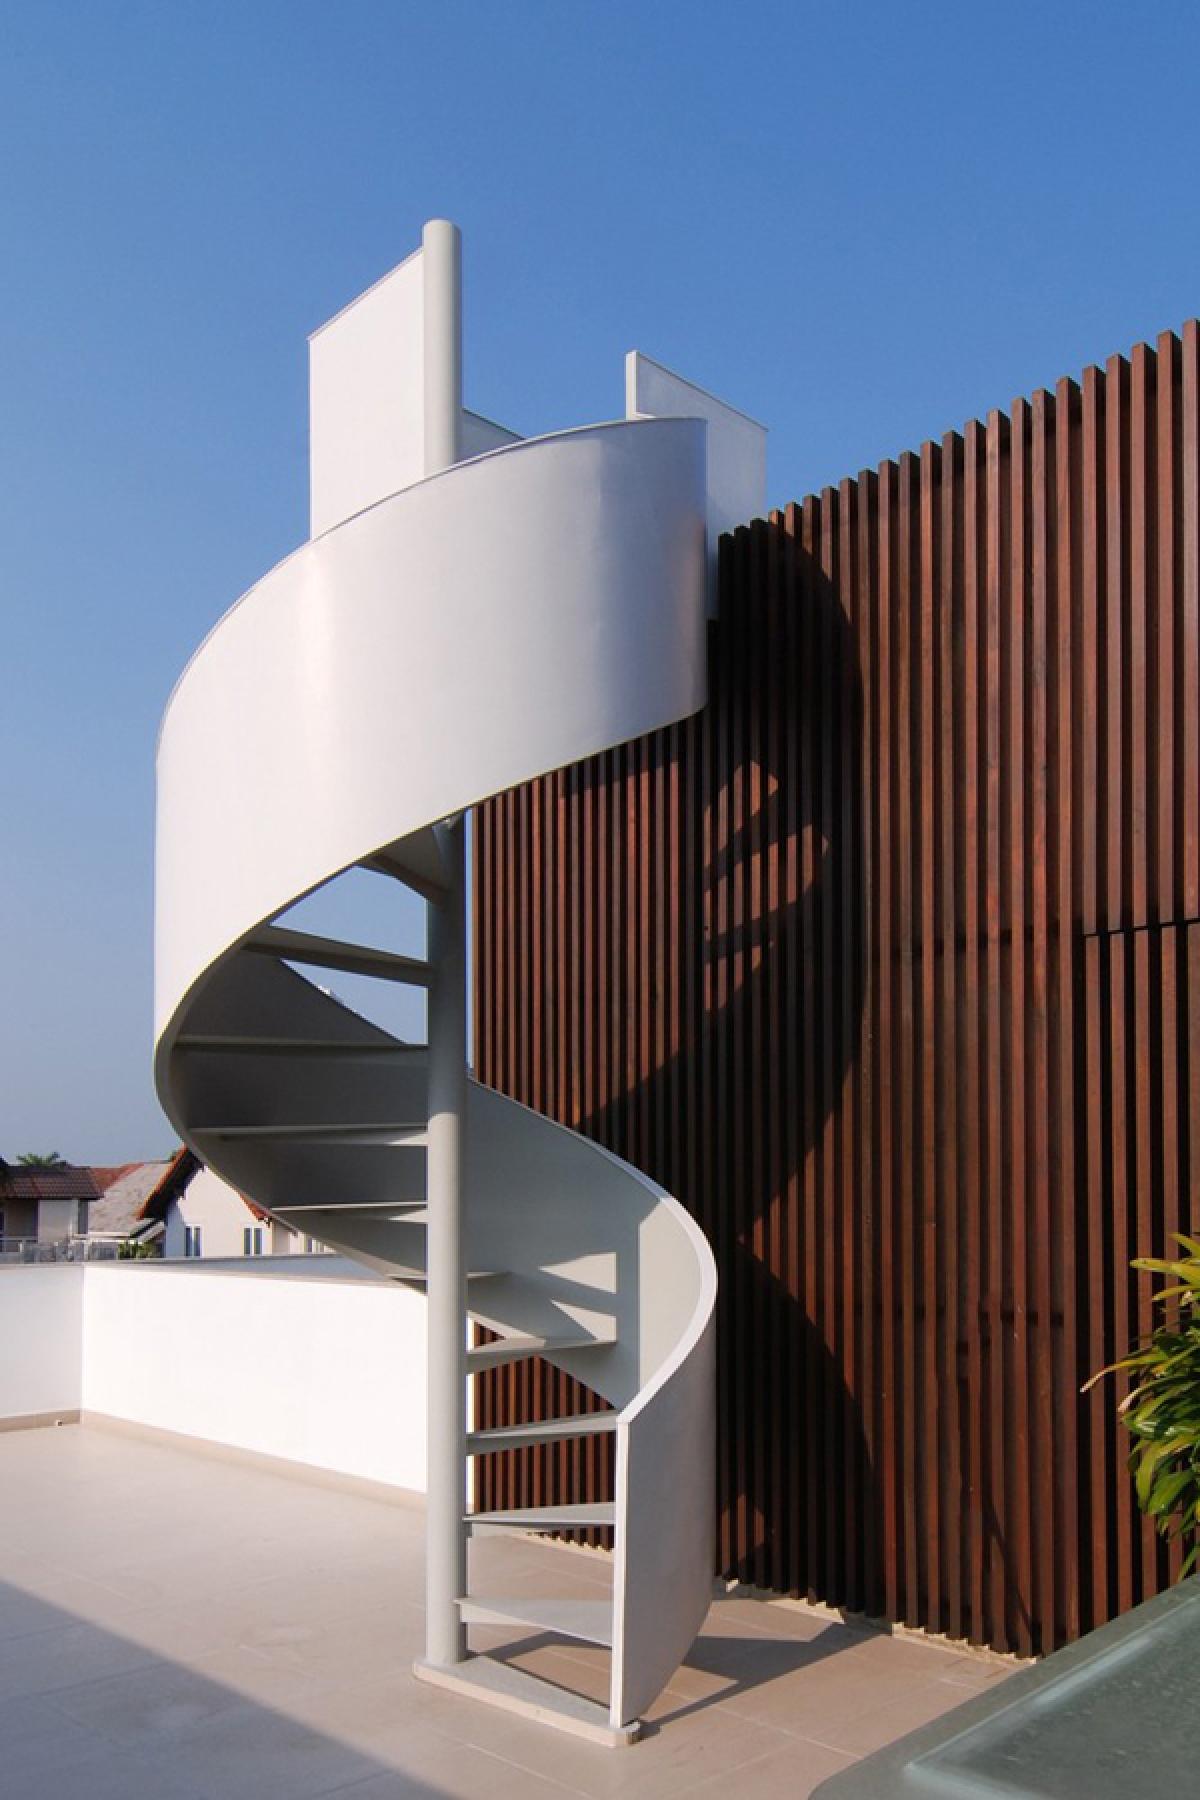 Cầu thang lên mái được thiết kế xoắn ốc như một tác phẩm điêu khắc.